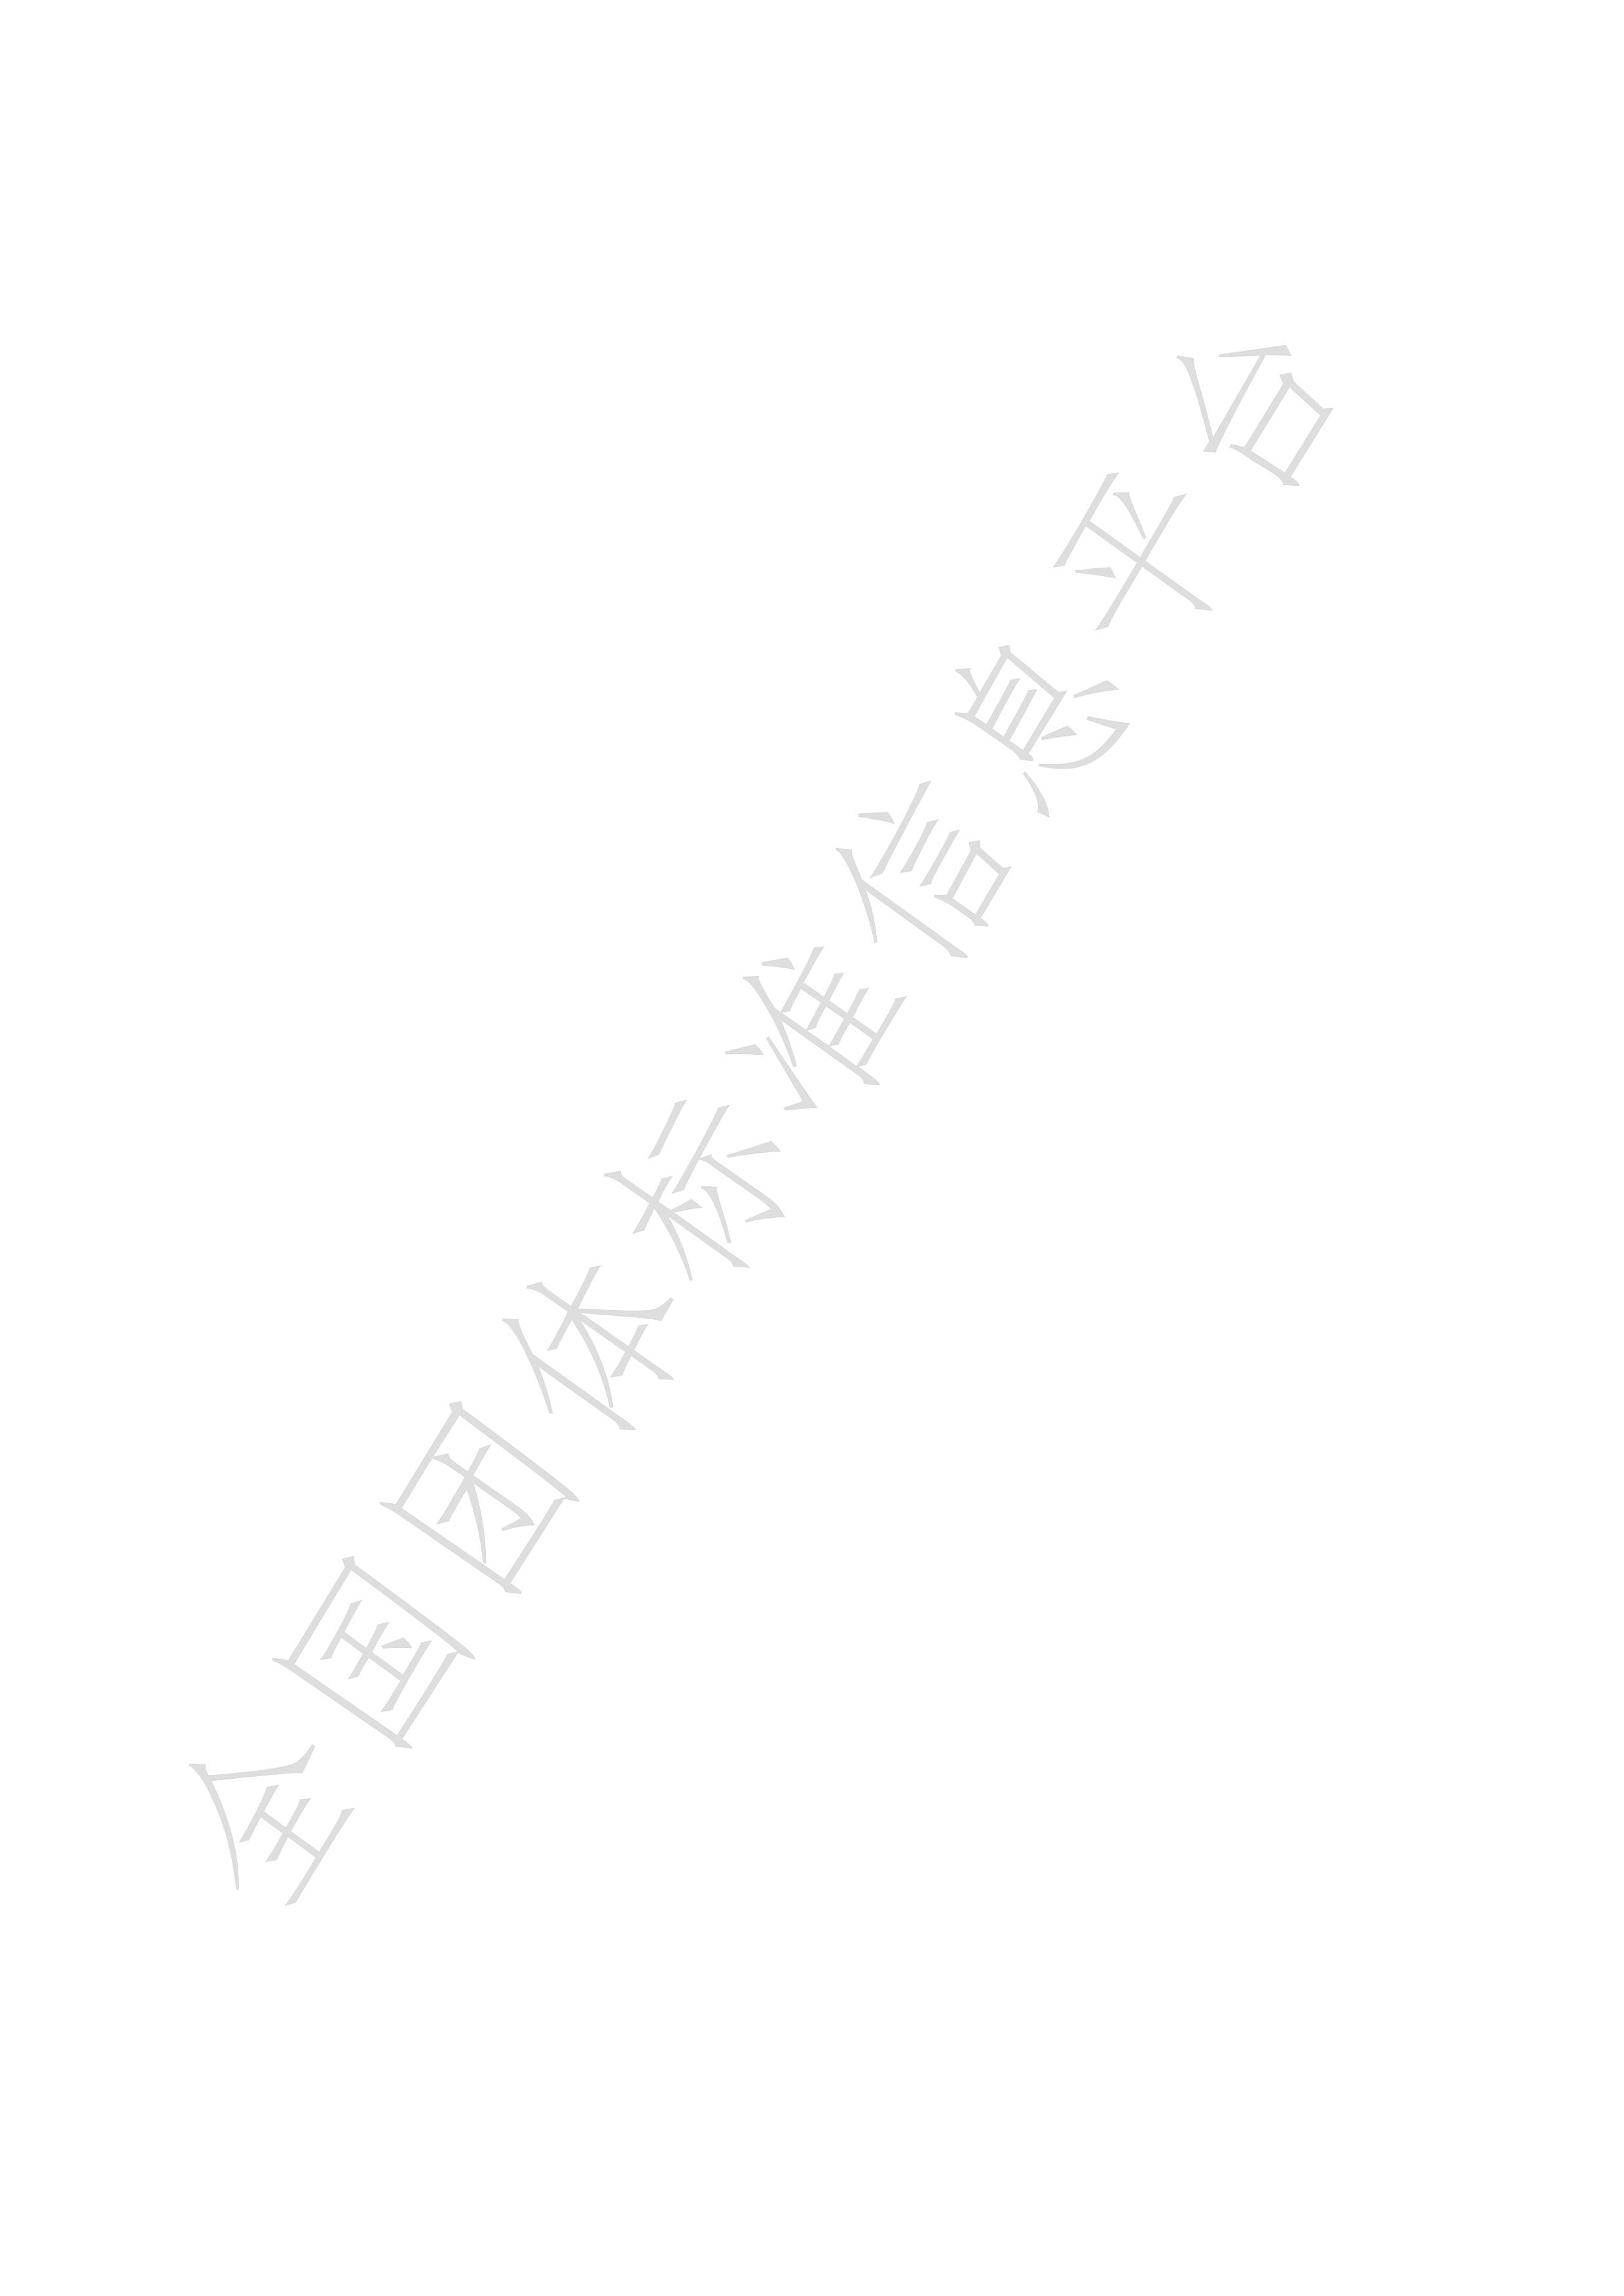 《采用国际标准产品评价规范》水印_4